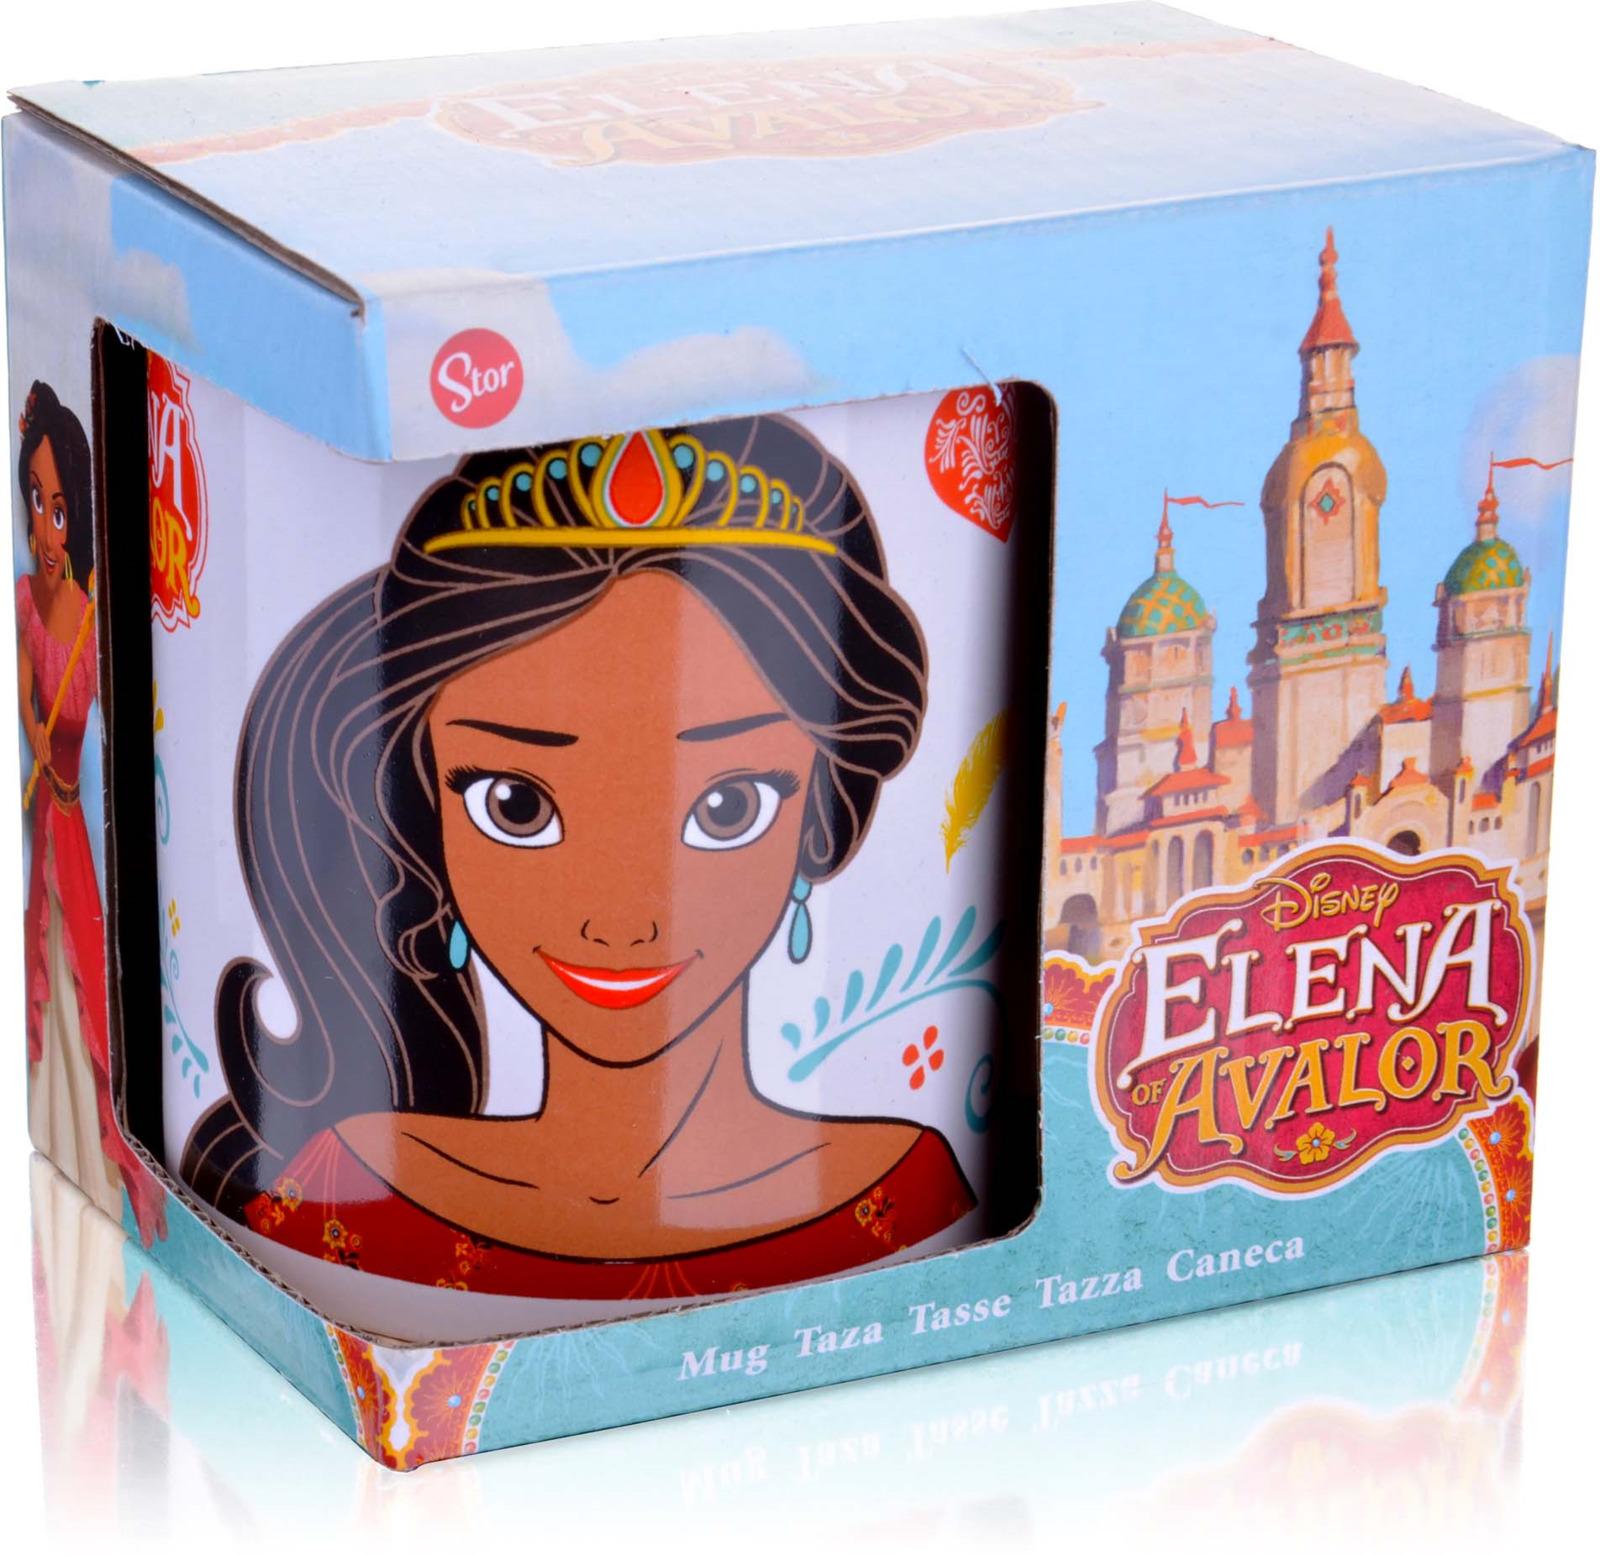 Кружка Disney, выполненный из высококачественной керамики и декорированы красочным рисунком. Такая кружка обязательно понравится вашему ребенку, потому что теперь у него будет своя собственная посуда с изображением героев популярных мультиков. Кружка Disney - идеальный подарок для вашего ребенка. Кружка упакована в красочную, подарочную упаковку. Подходит для мытья в посудомоечной машине.